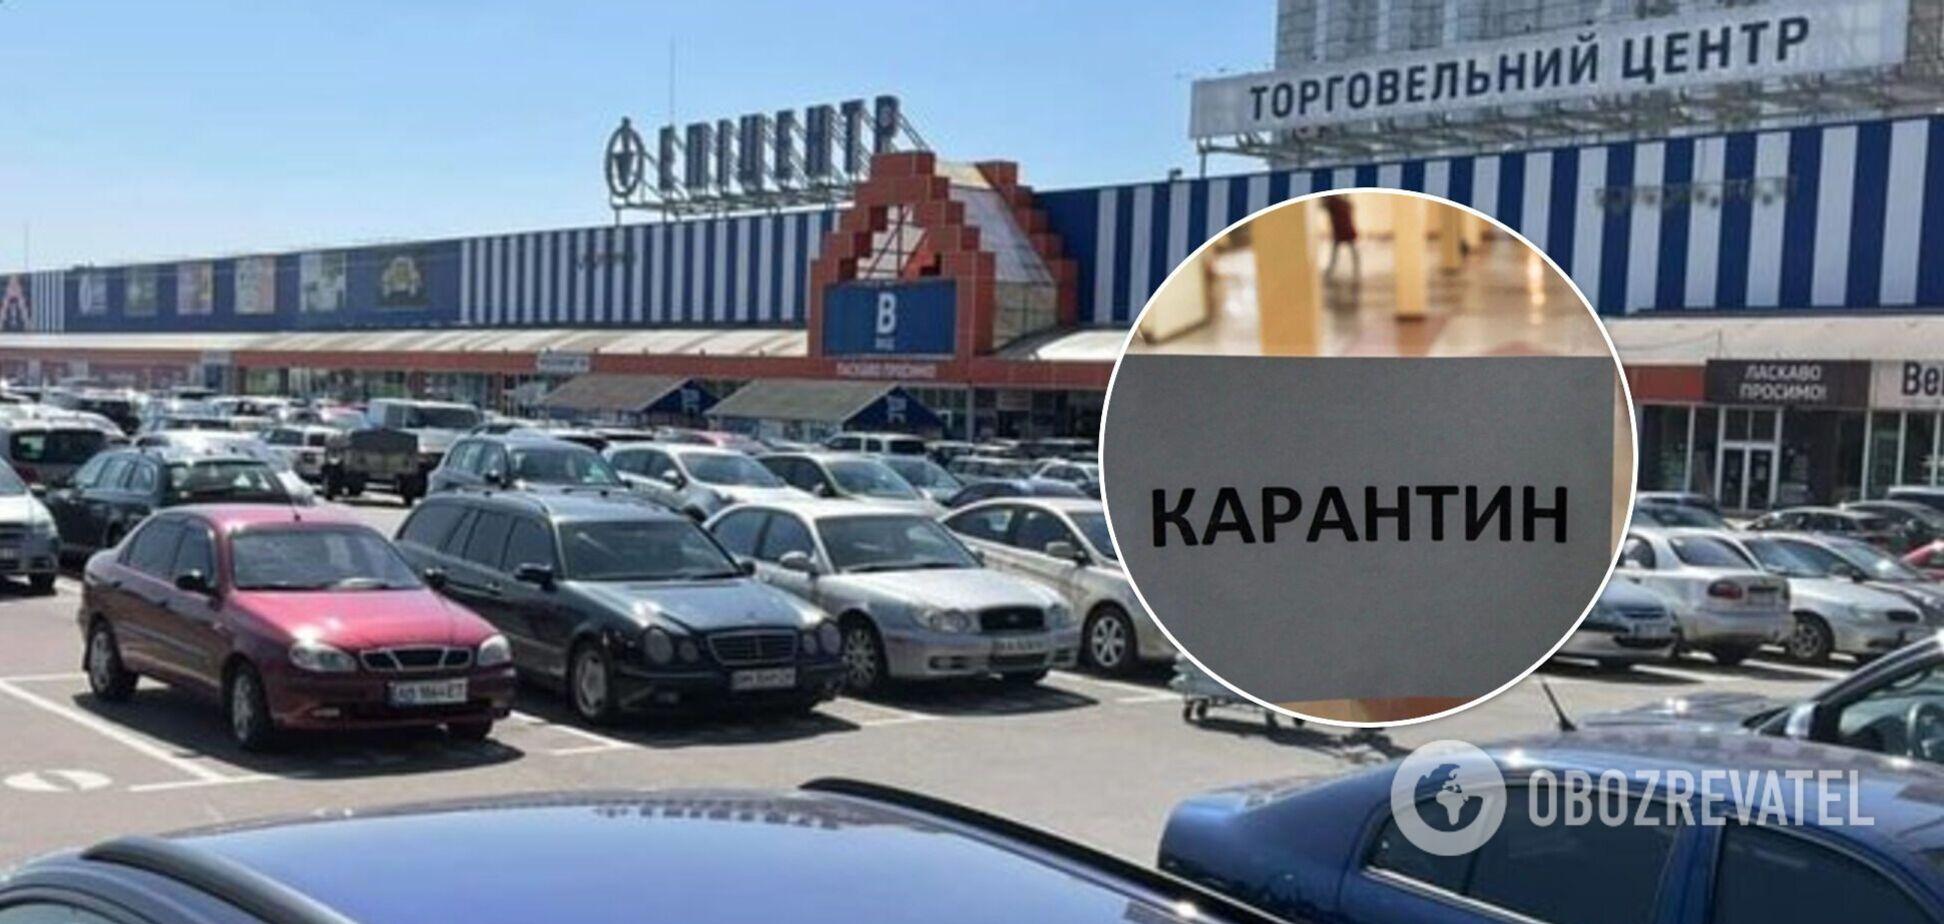 В 'Эпицентре' в Киеве проигнорировали локдаун: толпы покупателей и забитая парковка. Фото